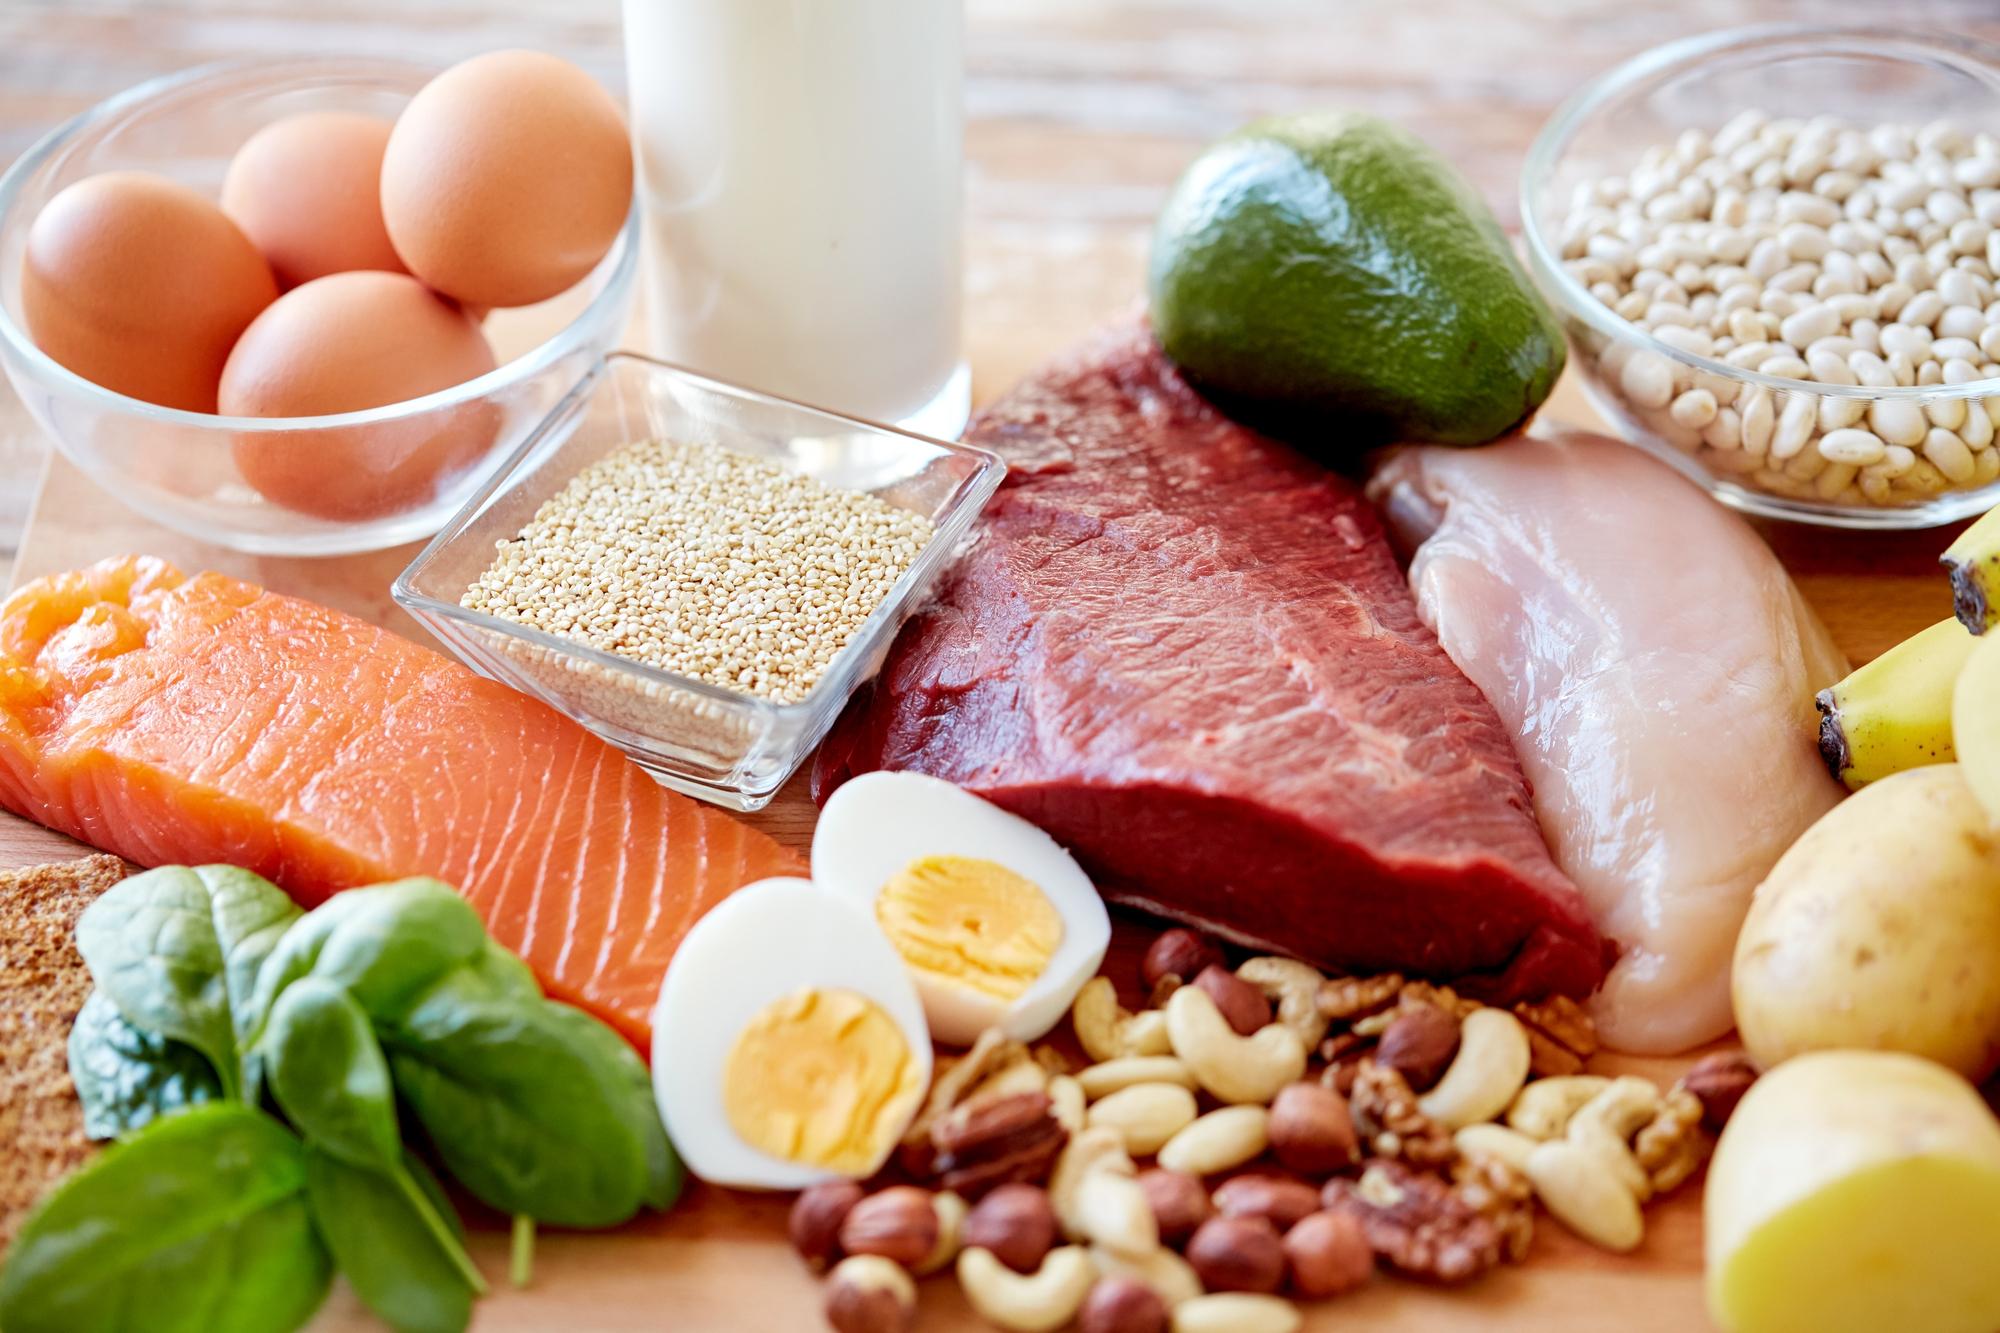 Thực phẩm giàu protein giá rẻ